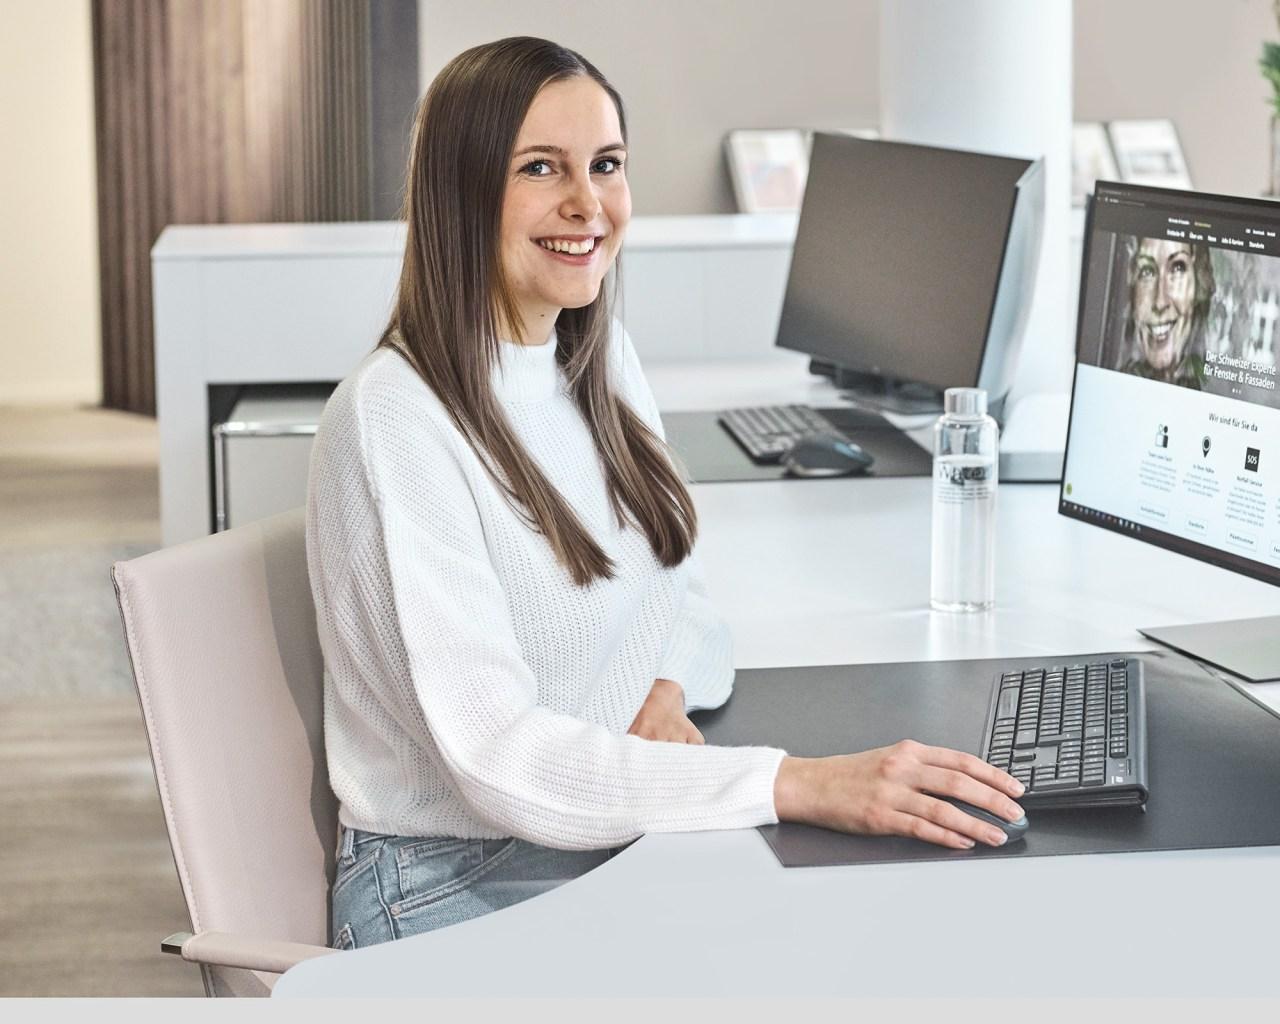 Auszubildende Kauffrau sitzt vor Computer am 4B Empfang